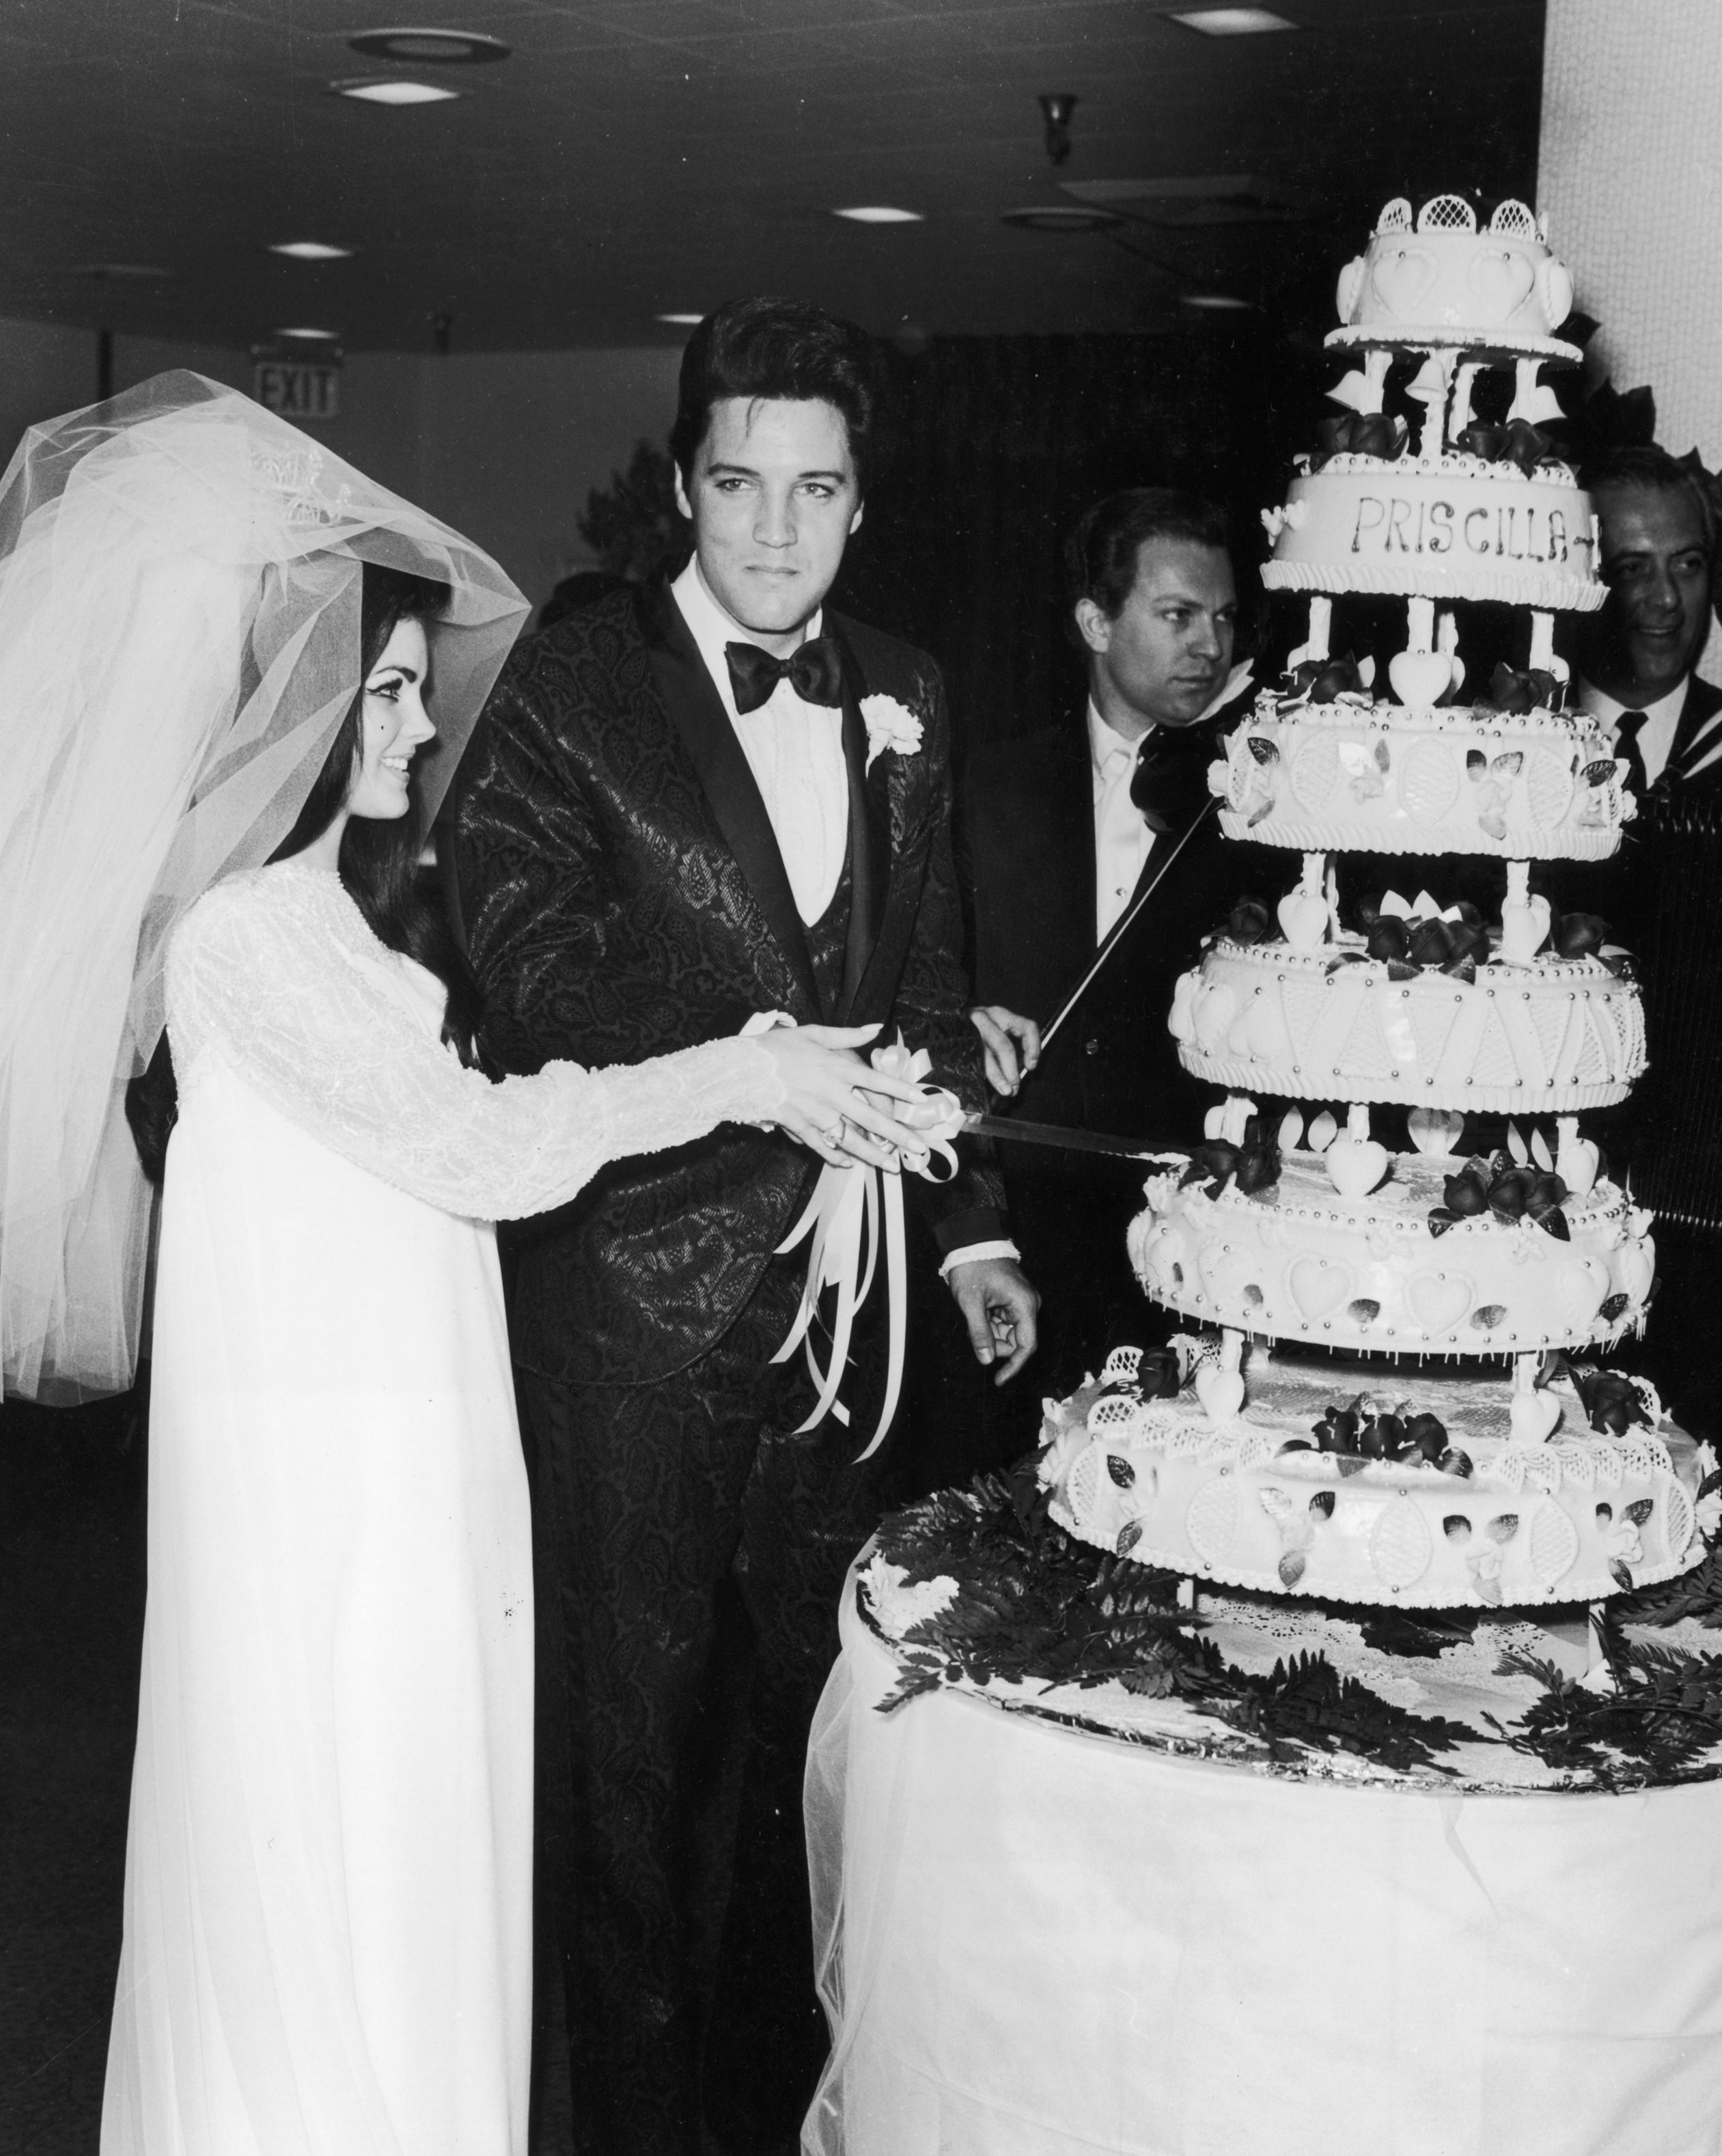 celebrity-vintage-wedding-cakes-elvis-presley-3201381-1015.jpg